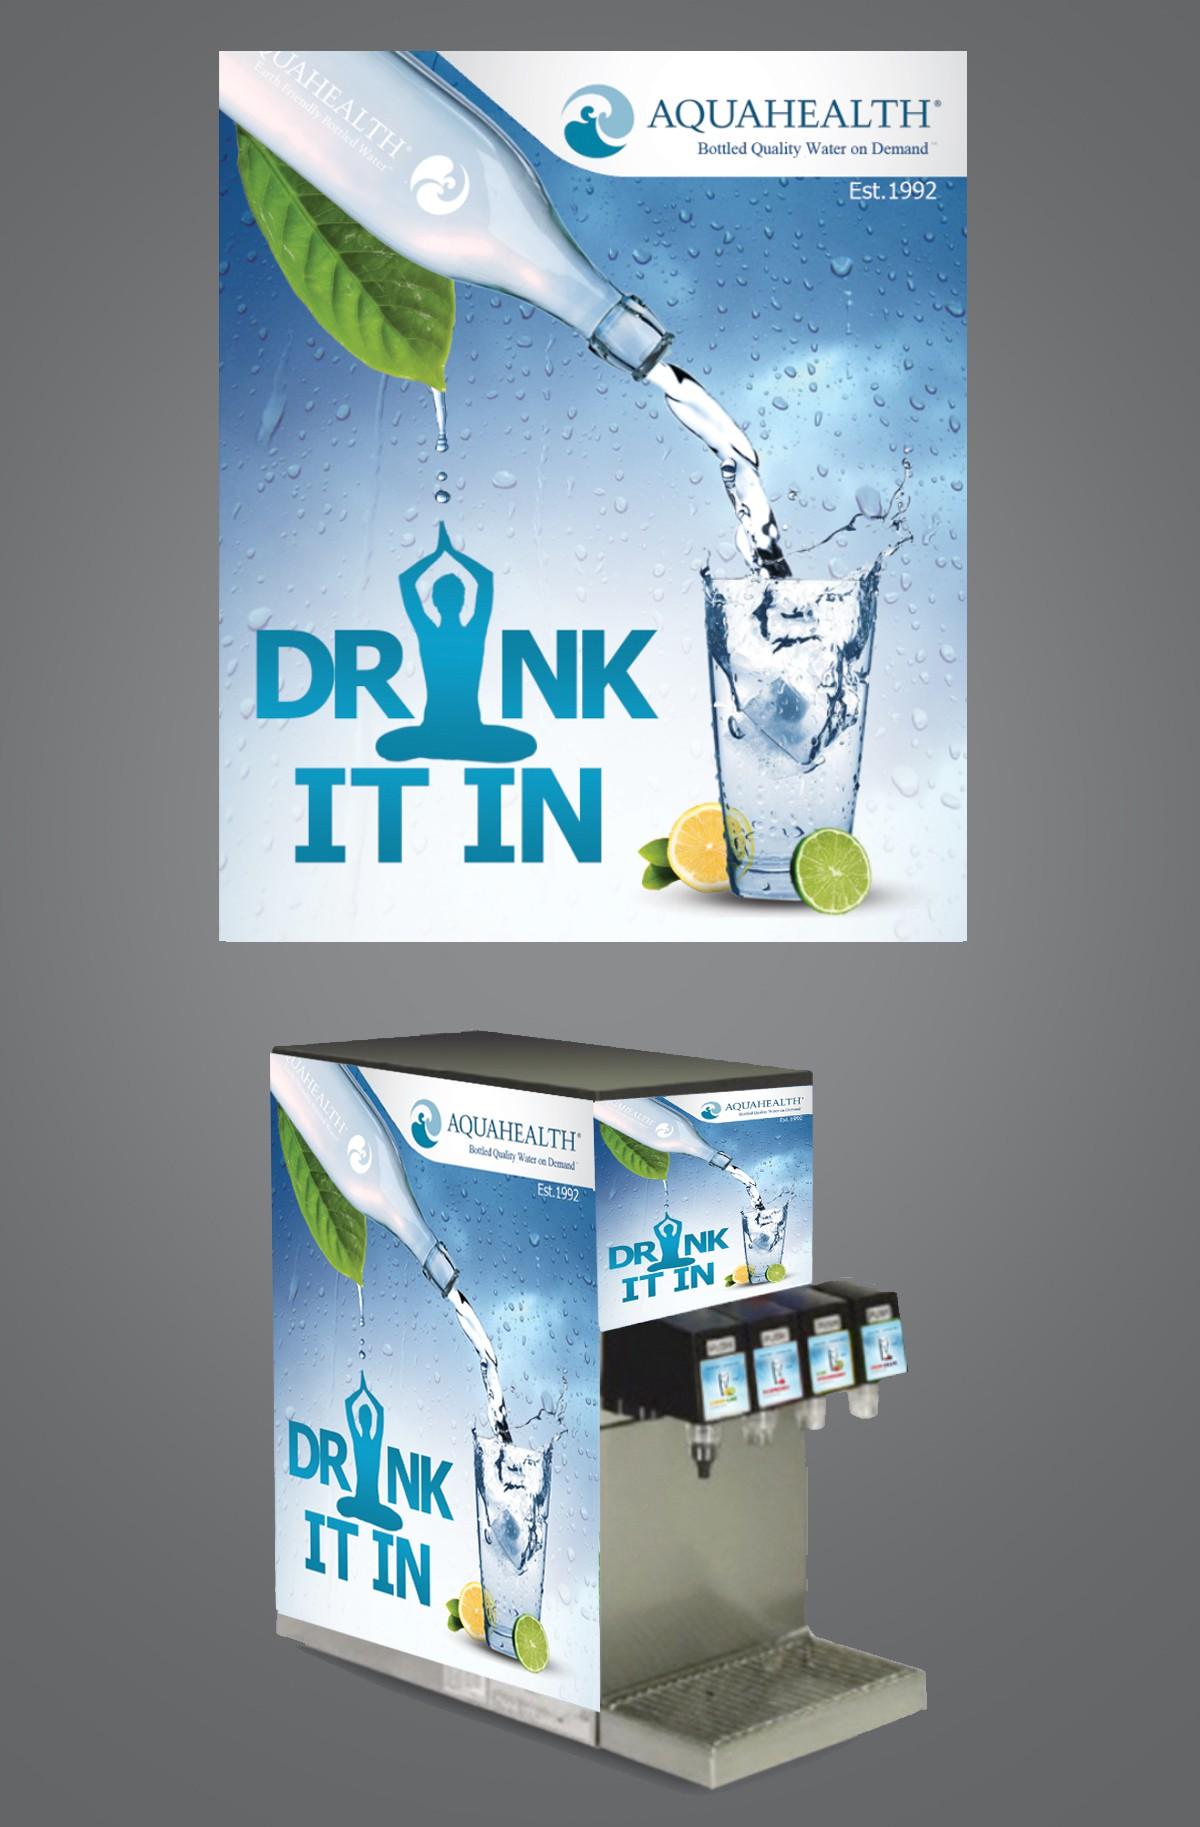 AquaHealth Dispenser Graphic Redesign